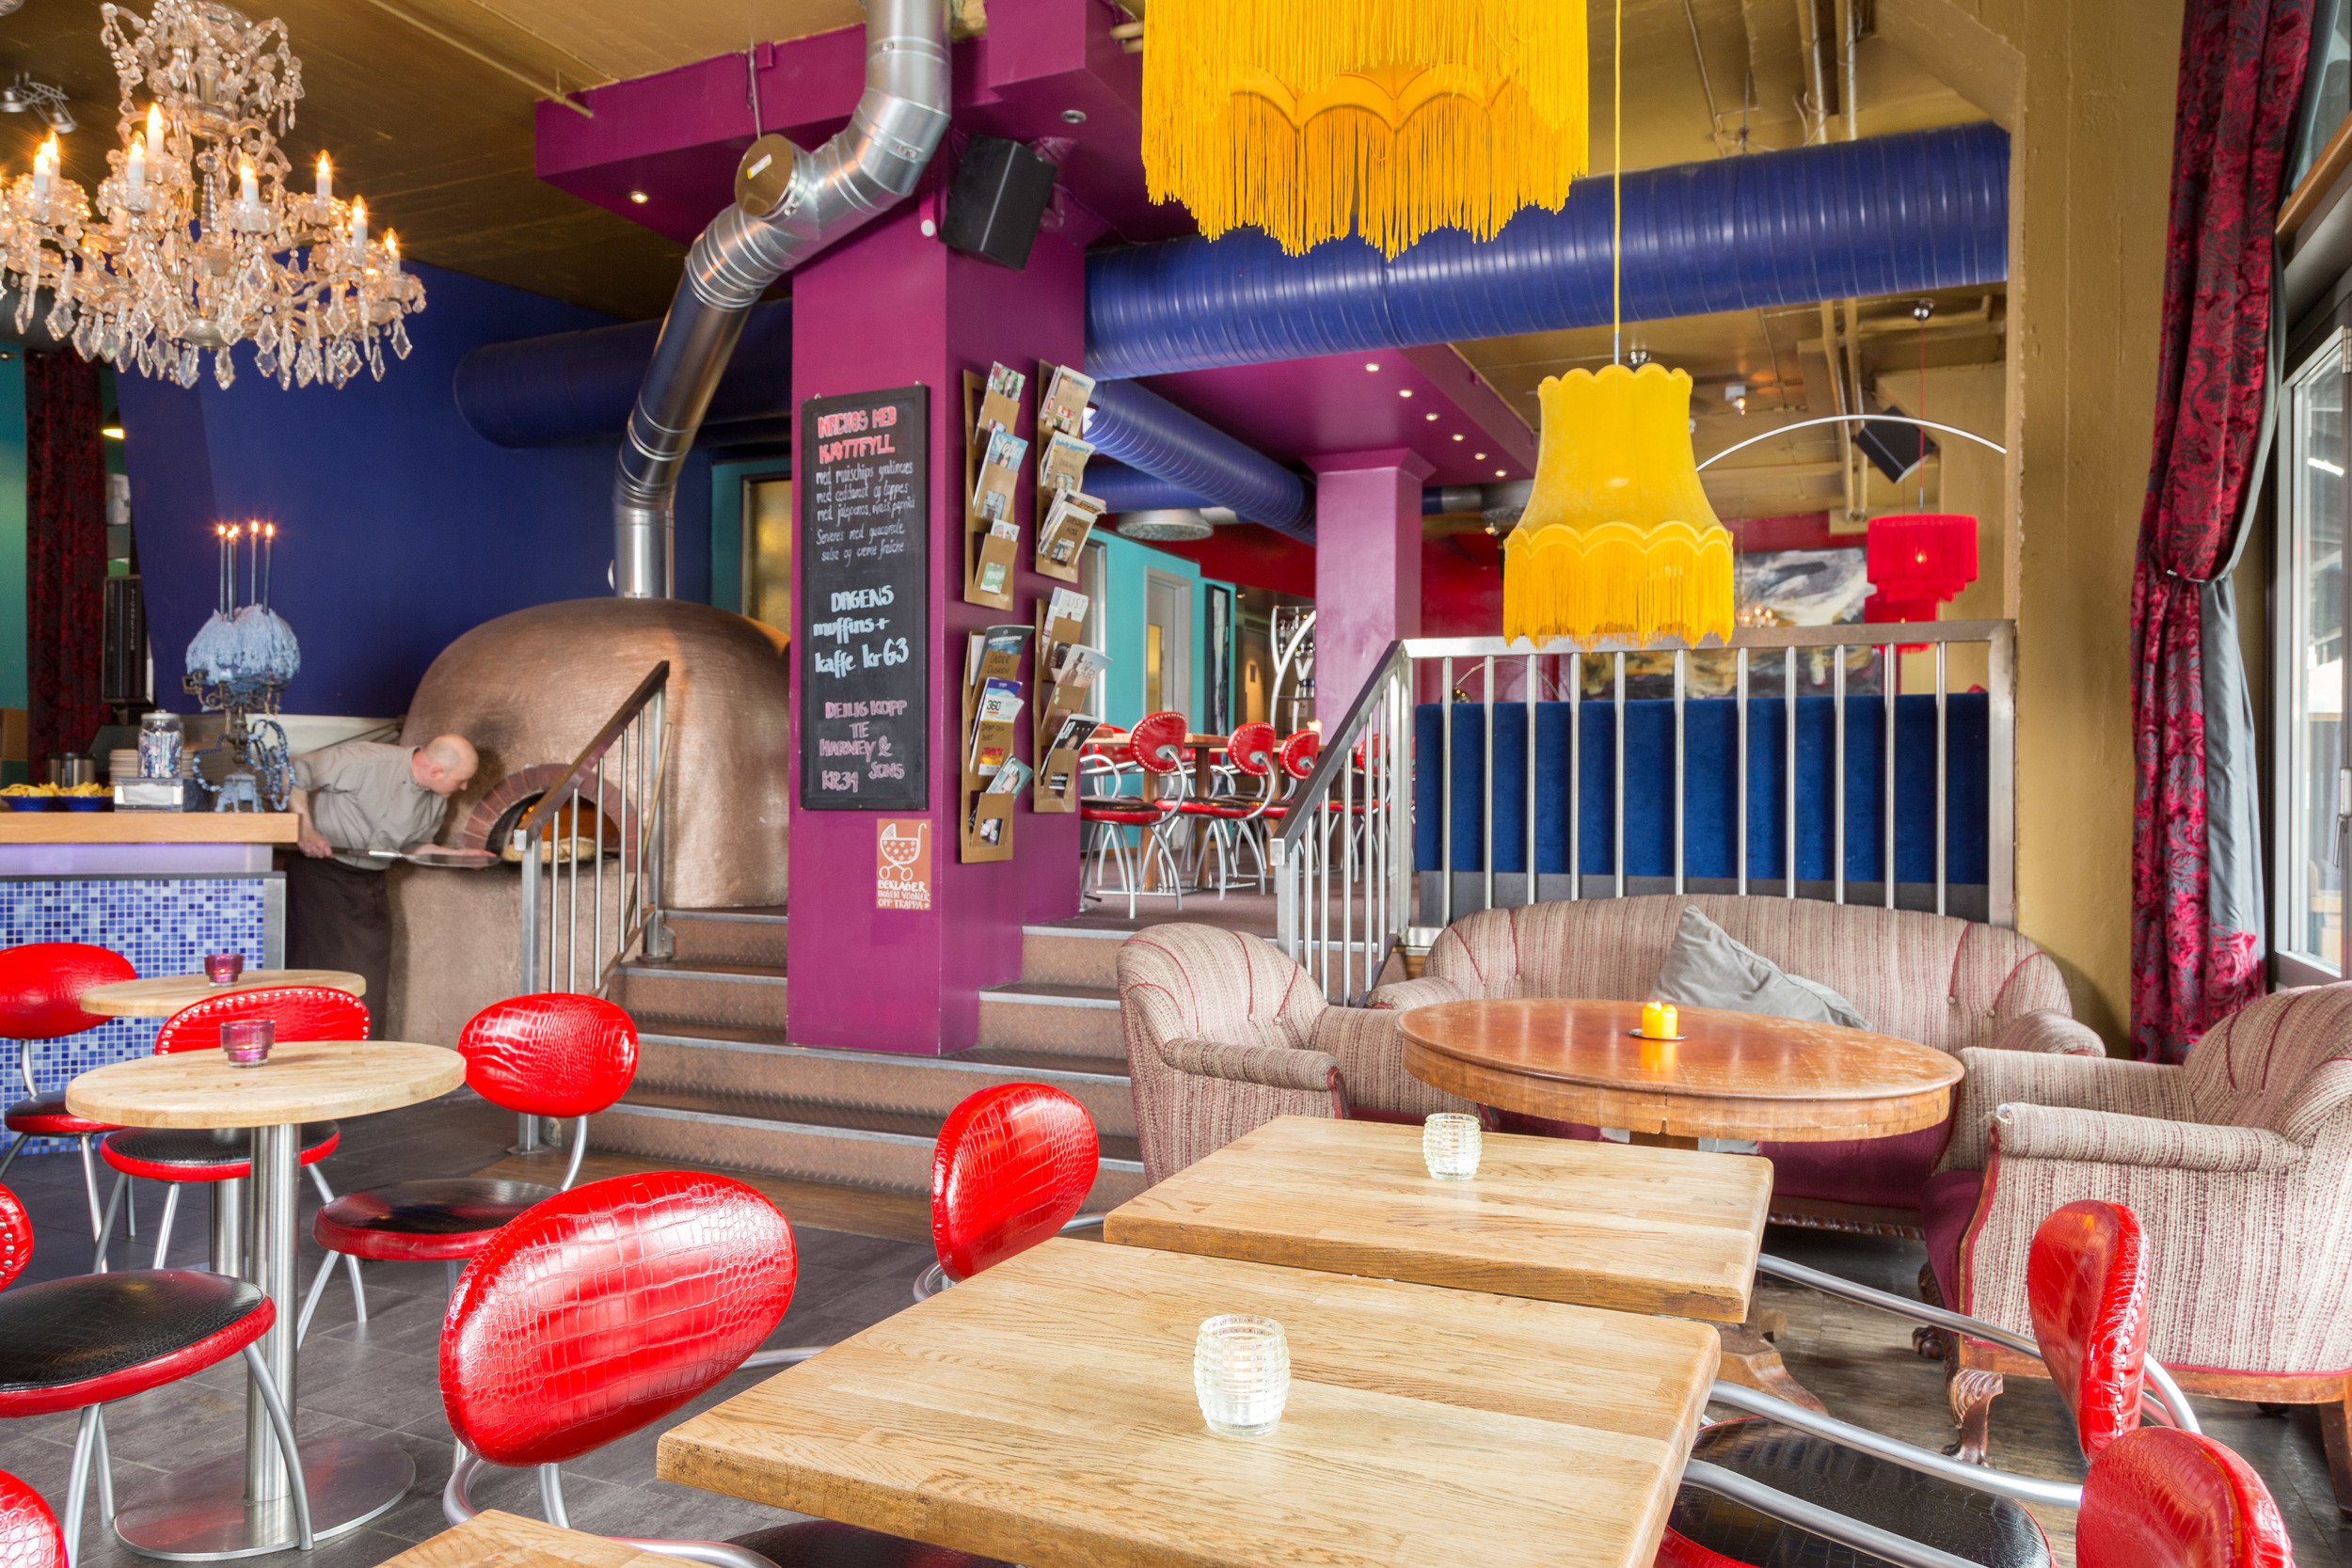 Cafè bare blåbær er et spisested med en variert og spennende meny, og cafèen har vedfyrte pizzaovn. bær&bar vegg i vegg spesialiserer seg på kaffe- og juicedrikker på dagtid og har mer pub-/barstemning på kveldstid. Dette er stedet for naboer og stamgjester.